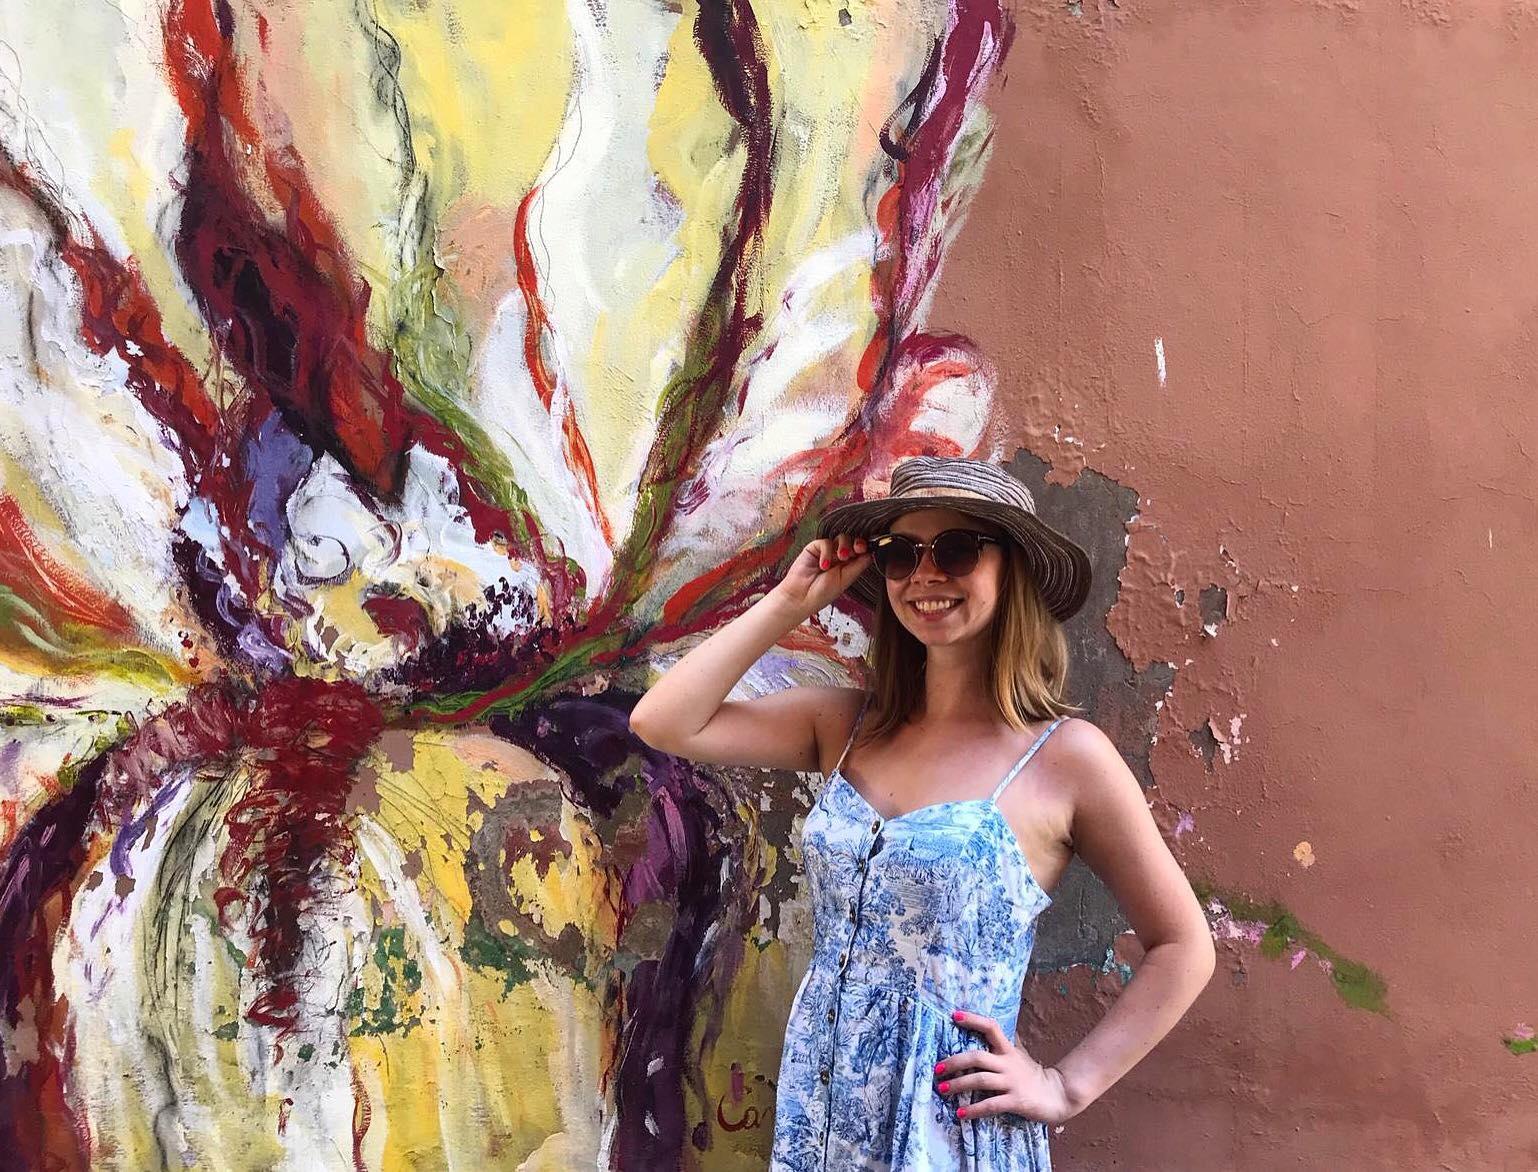 dozza włochy murales